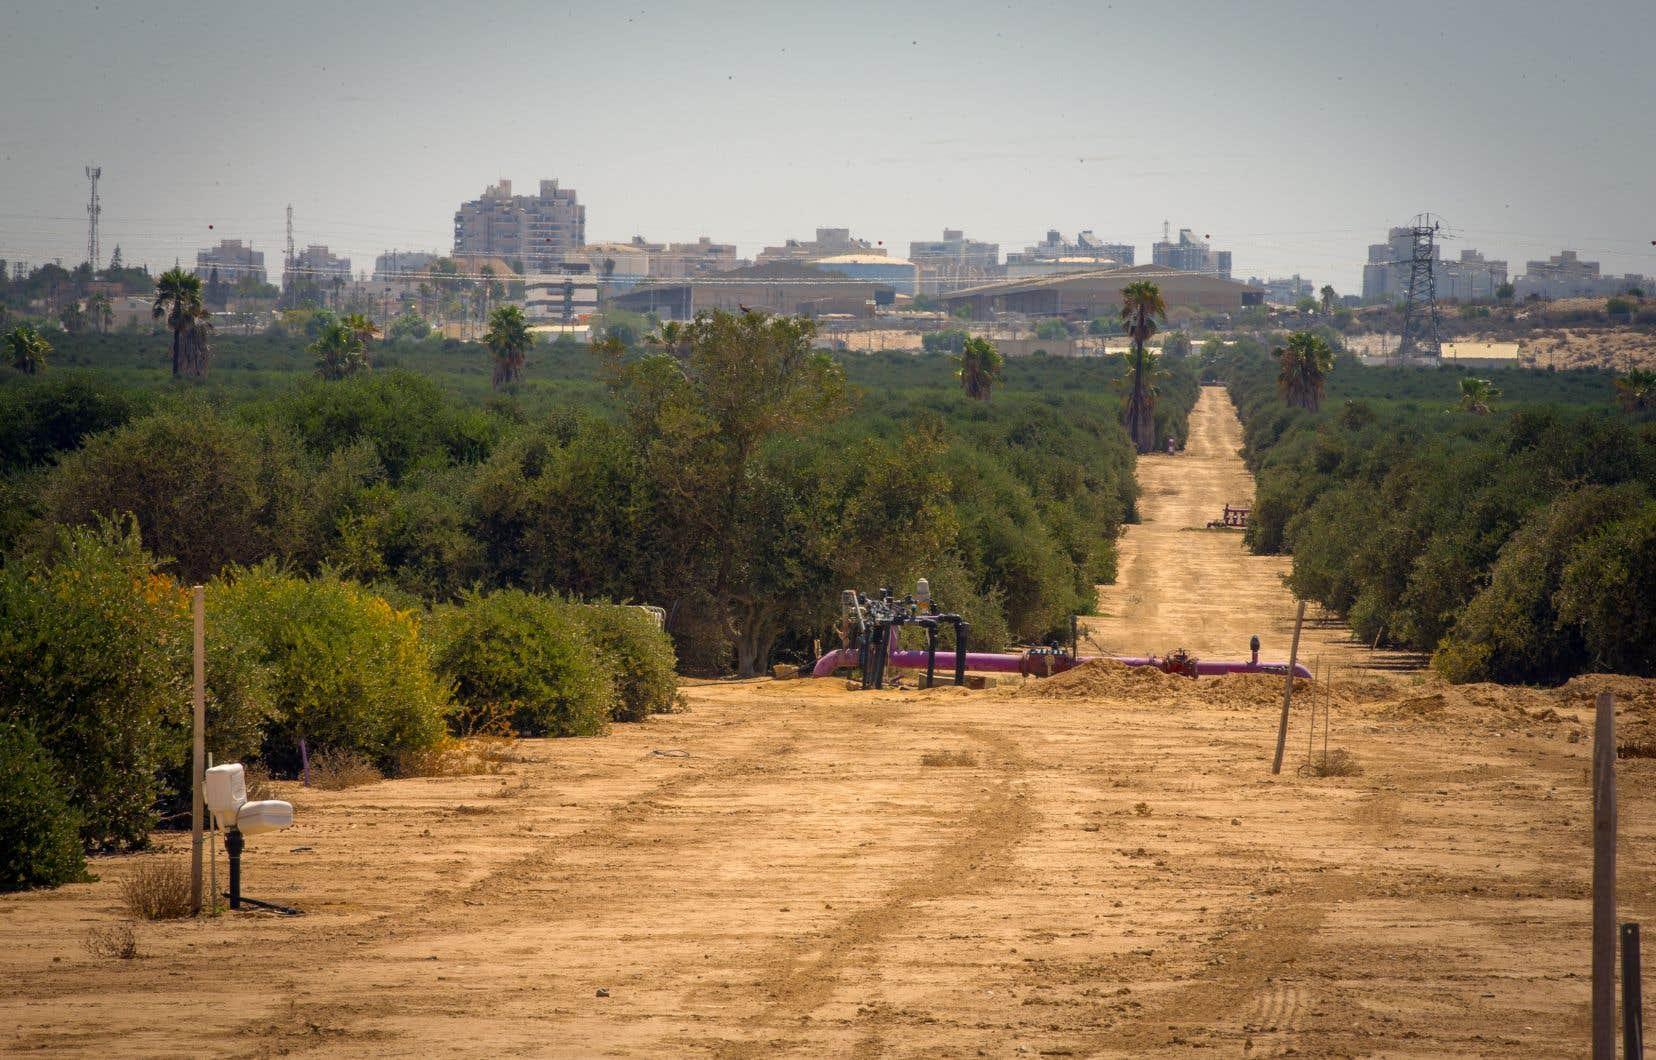 L'agriculture au goutte à goutte permet de faire pousser des plantes en milieu aride, comme cette plantation de jojoba en banlieue de Beersheva, dans le désert du Néguev, près de la frontière avec l'Égypte.